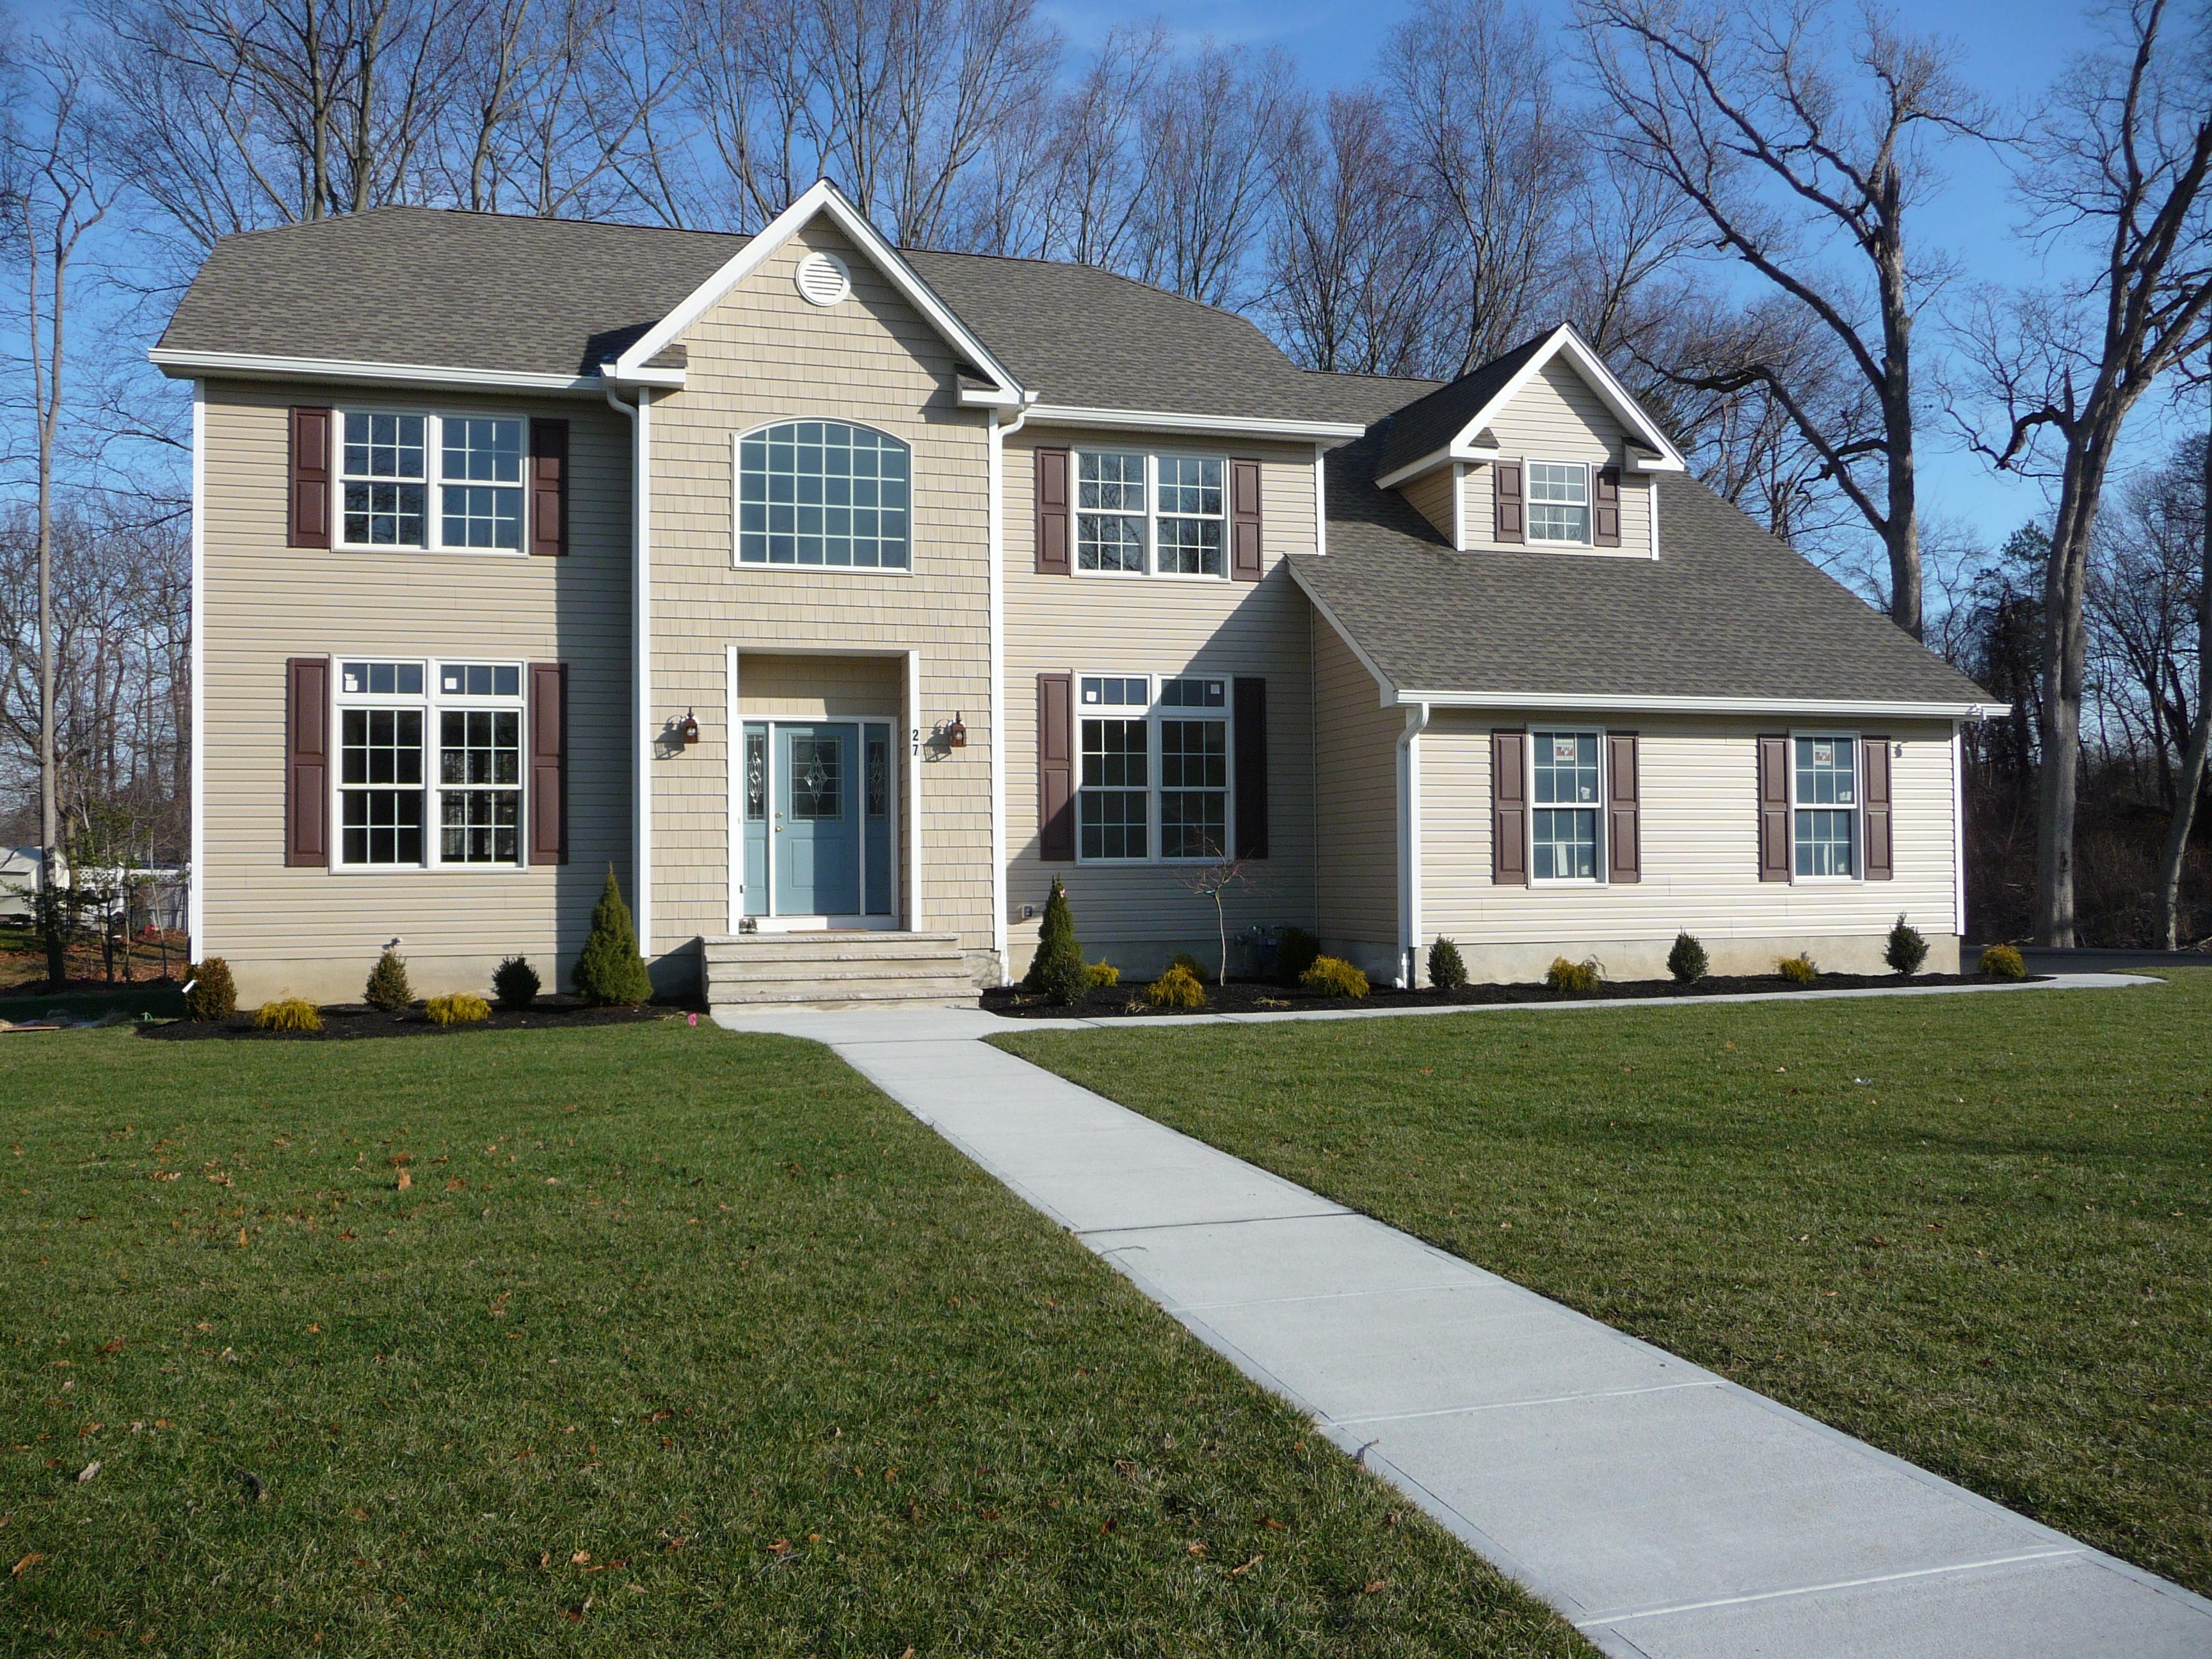 Maison unifamiliale pour l Vente à New Construction 27 Alpine Trl Tinton Falls, New Jersey, 07712 États-Unis